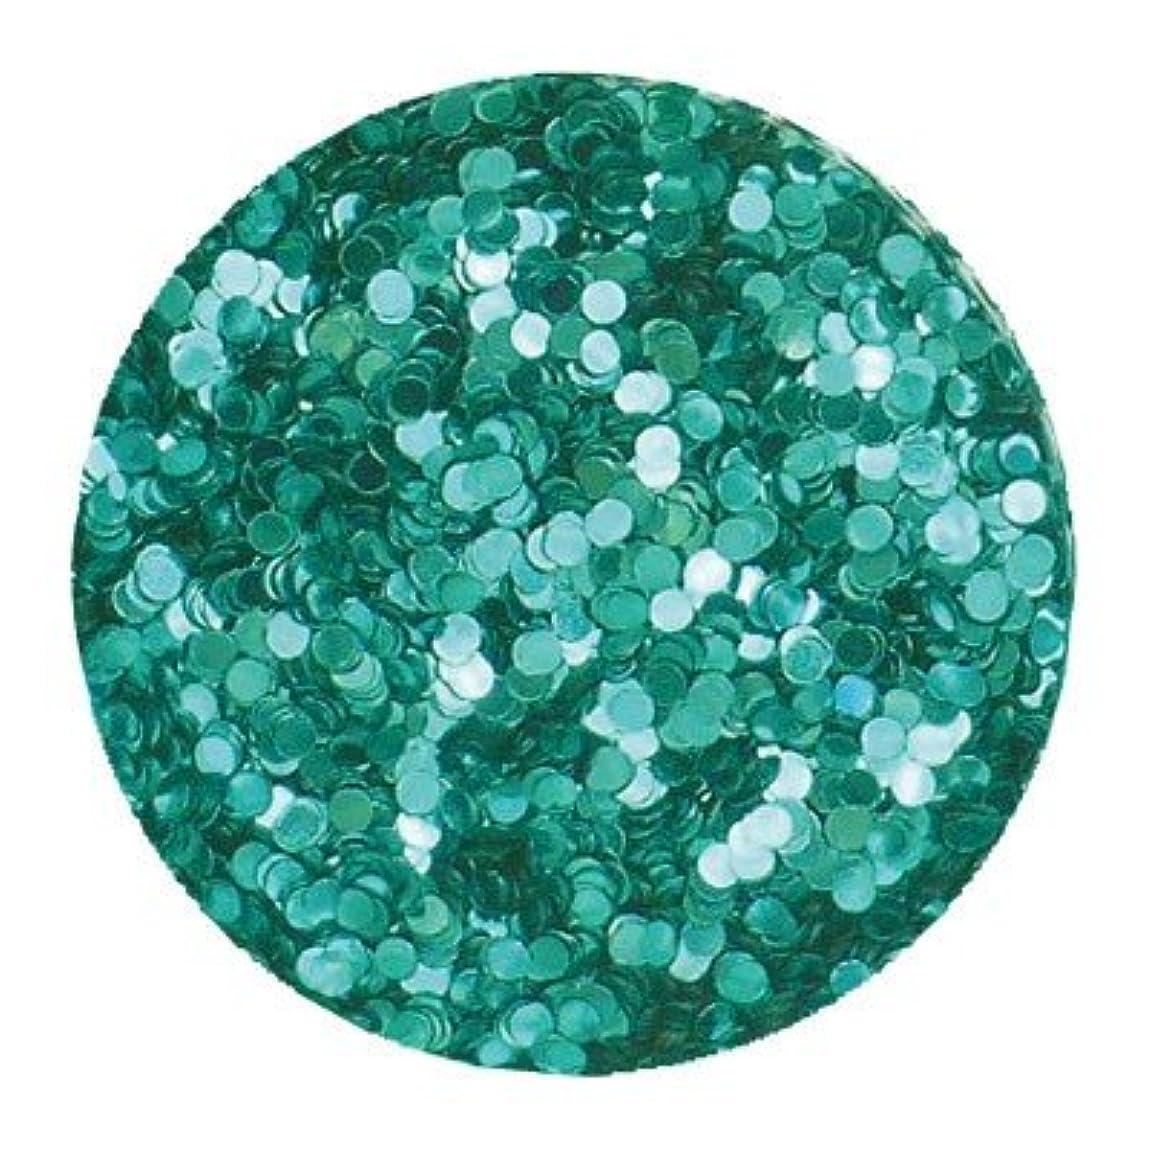 ドラムアレキサンダーグラハムベル約束するエリコネイルメタリックブルーグリーン1mm